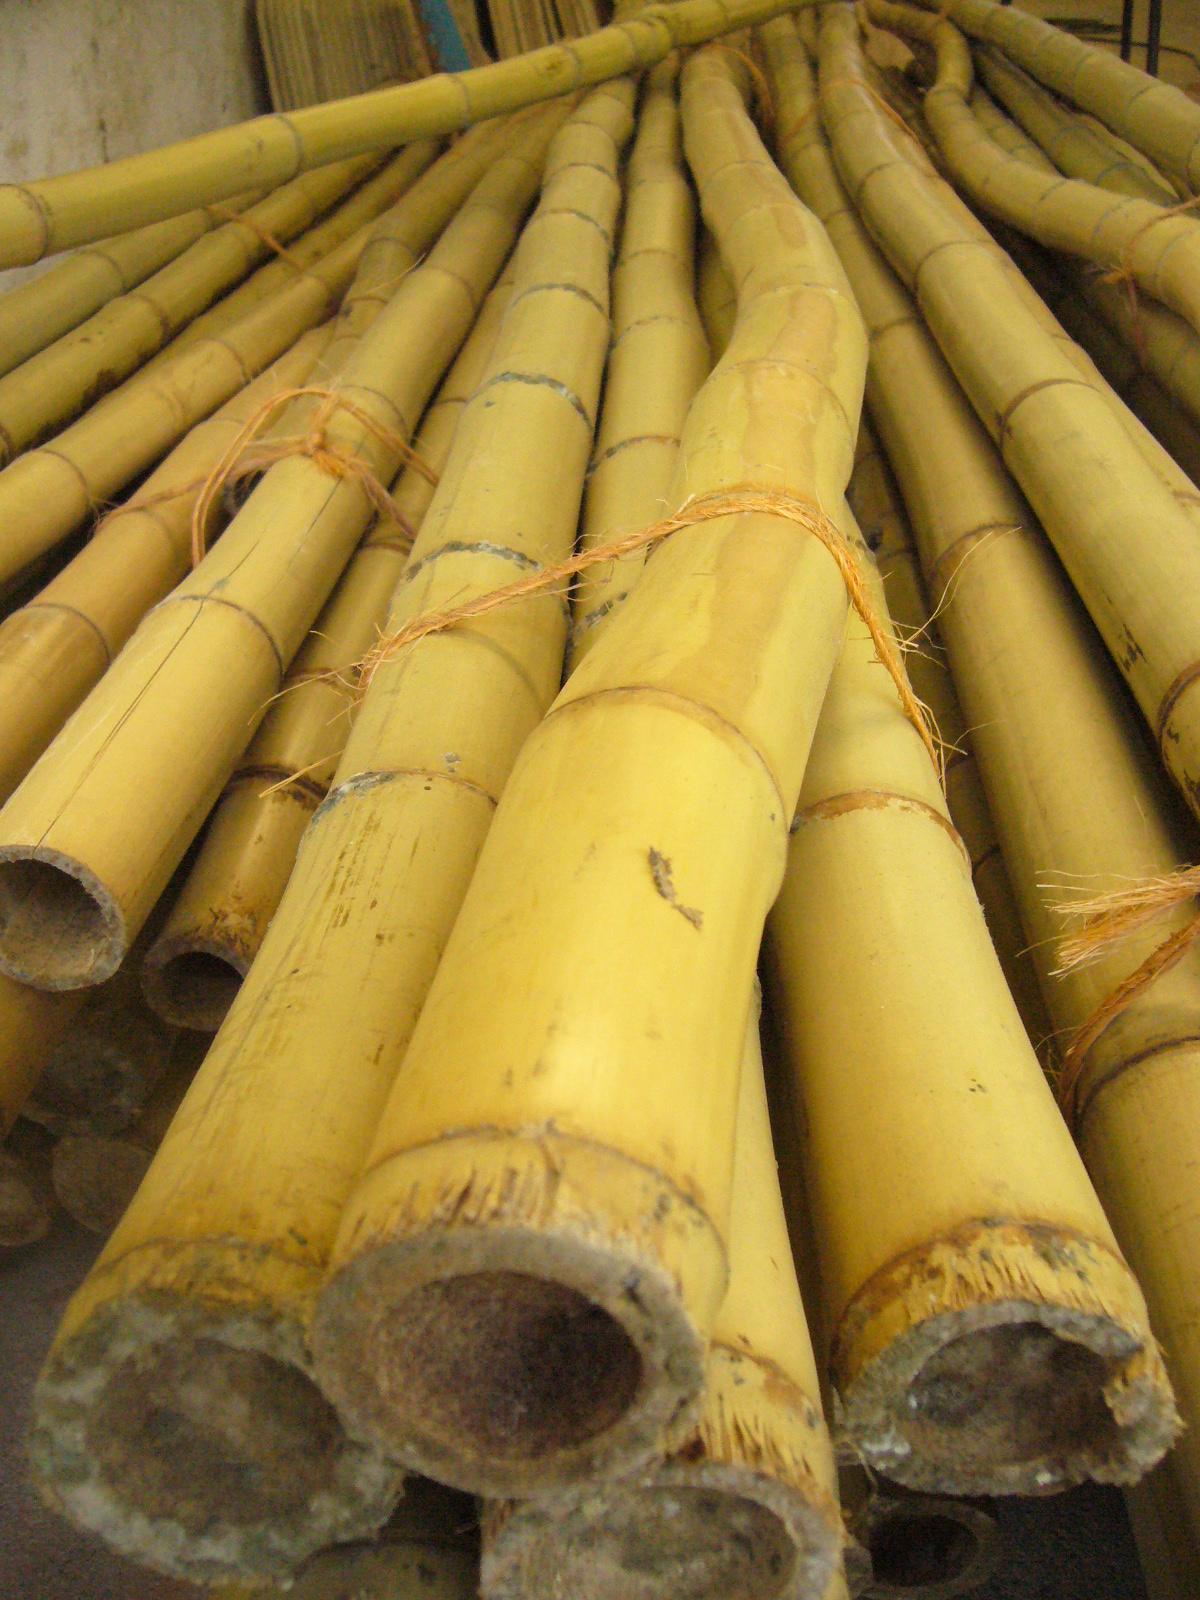 Muros Verdes Proyecto El Bambu Como Nueva Opcion Para Muros Verdes - Bambu-seco